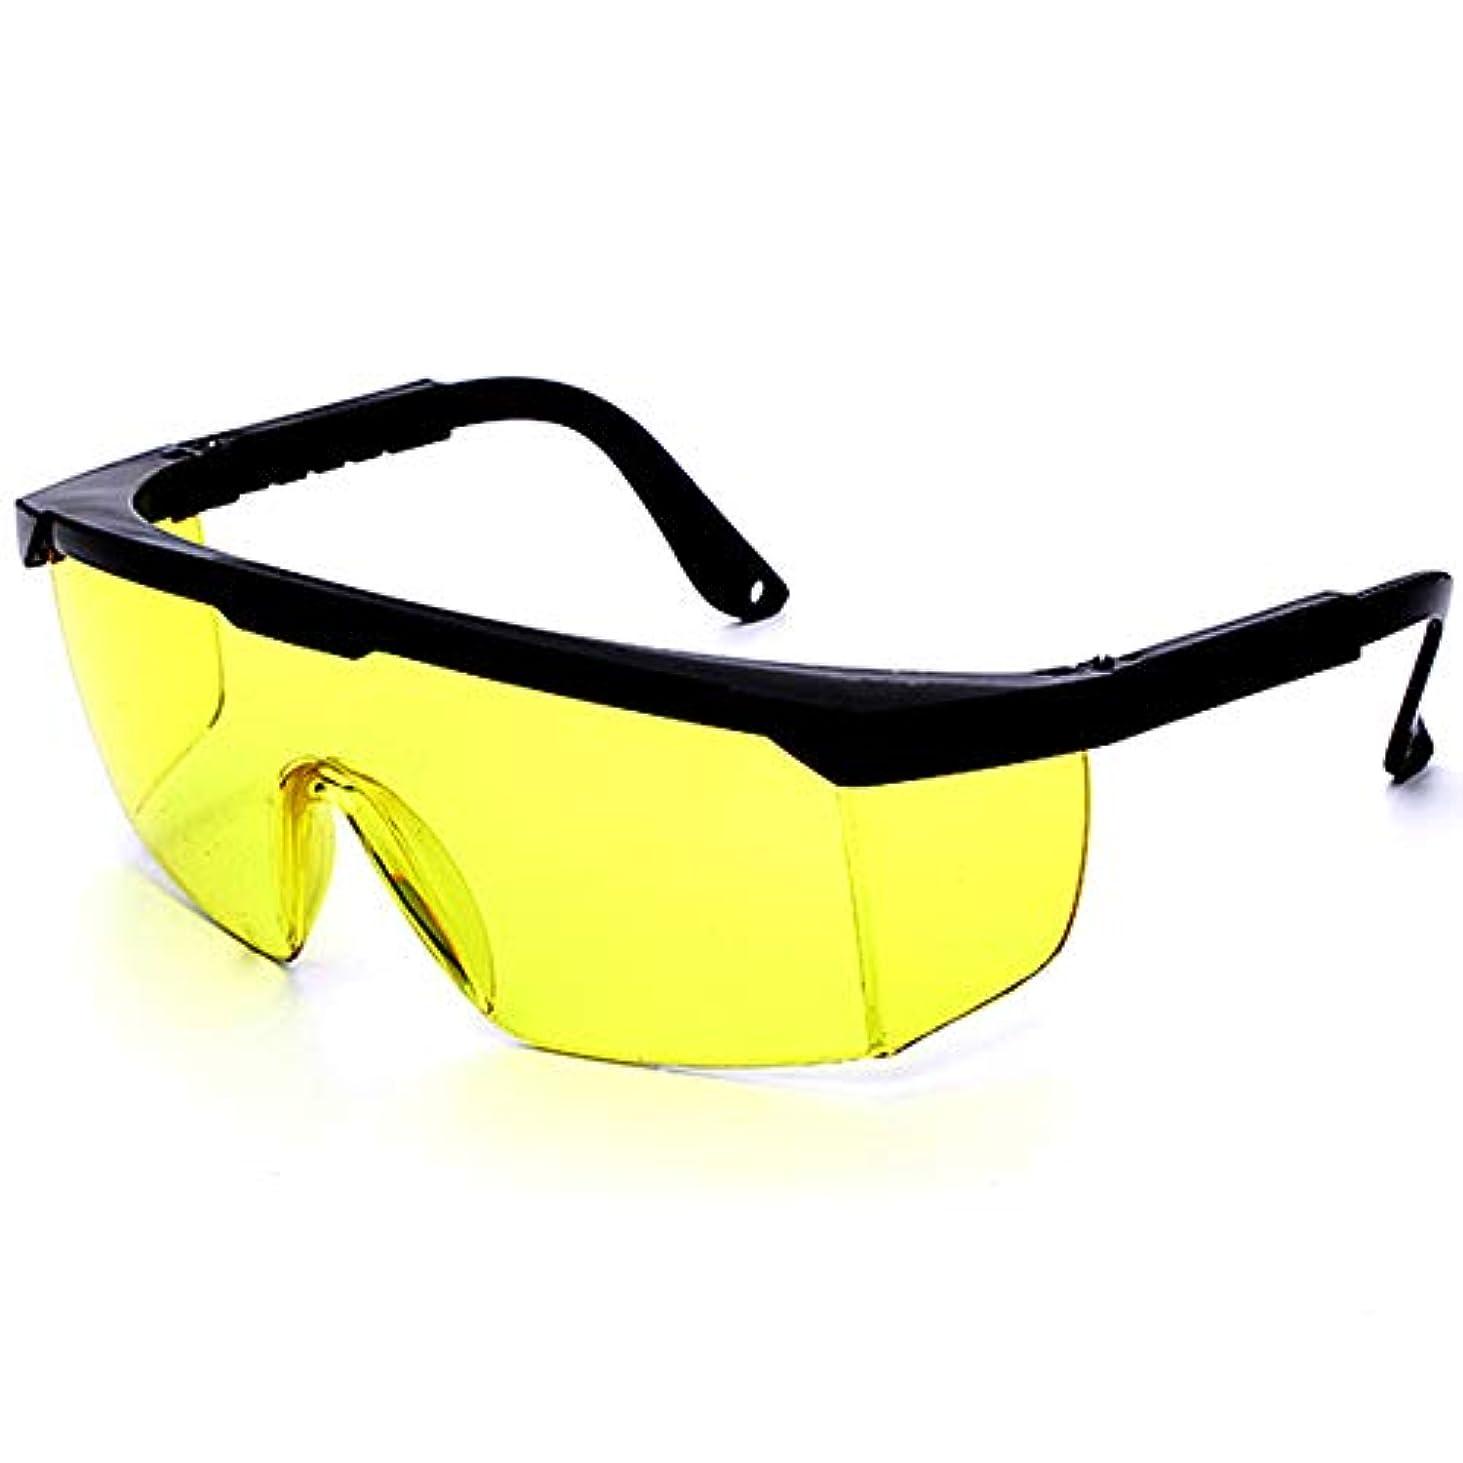 お茶神学校補うJiayaofu レーザー保護メガネIPL美容機器メガネレーザーペアIPLメガネ、安全メガネ